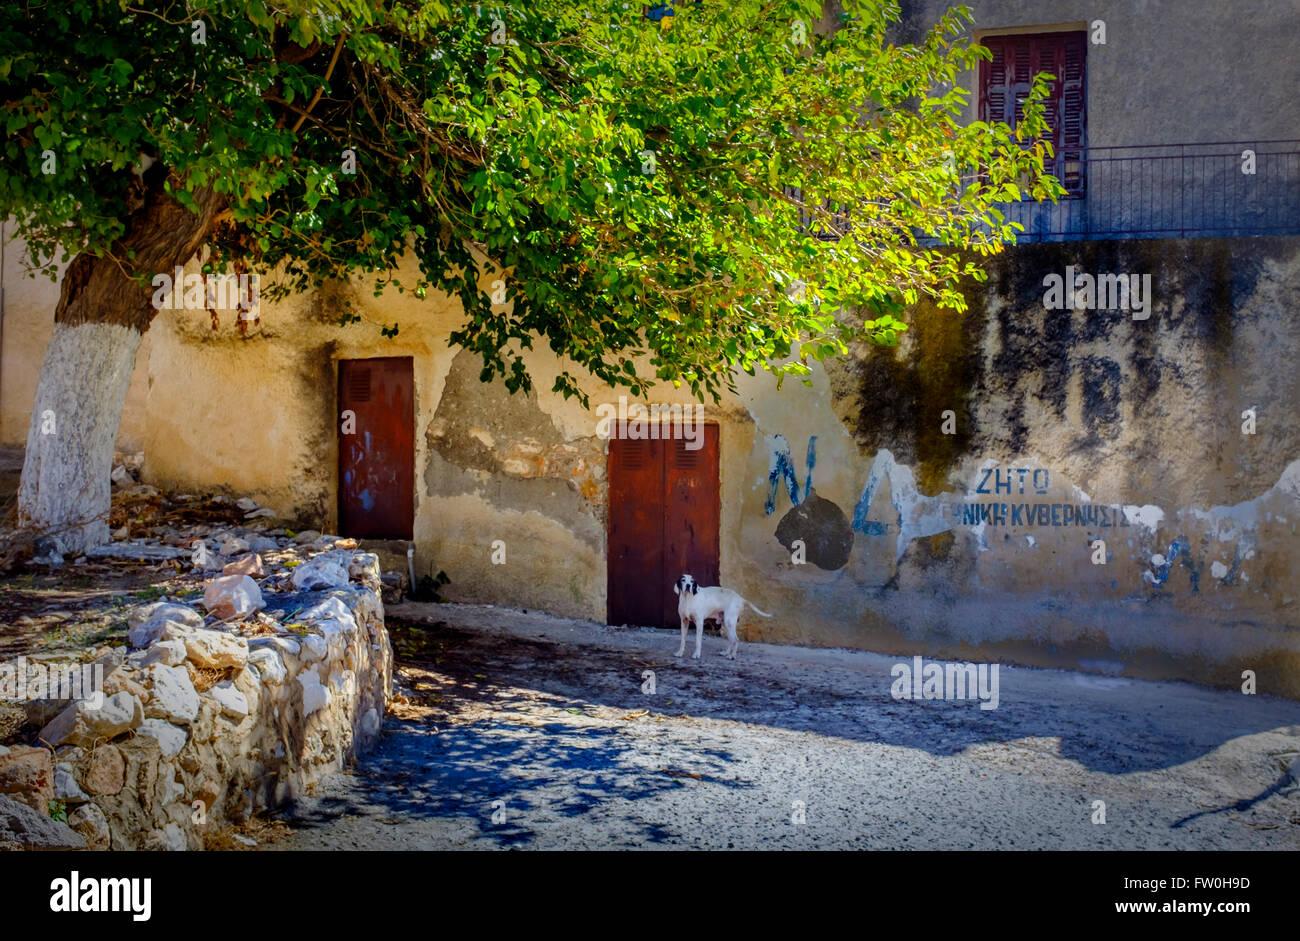 Gerolimenas pintoresca calle tranquila escena en el Peloponeso, Grecia, mostrando dog y vivienda Imagen De Stock